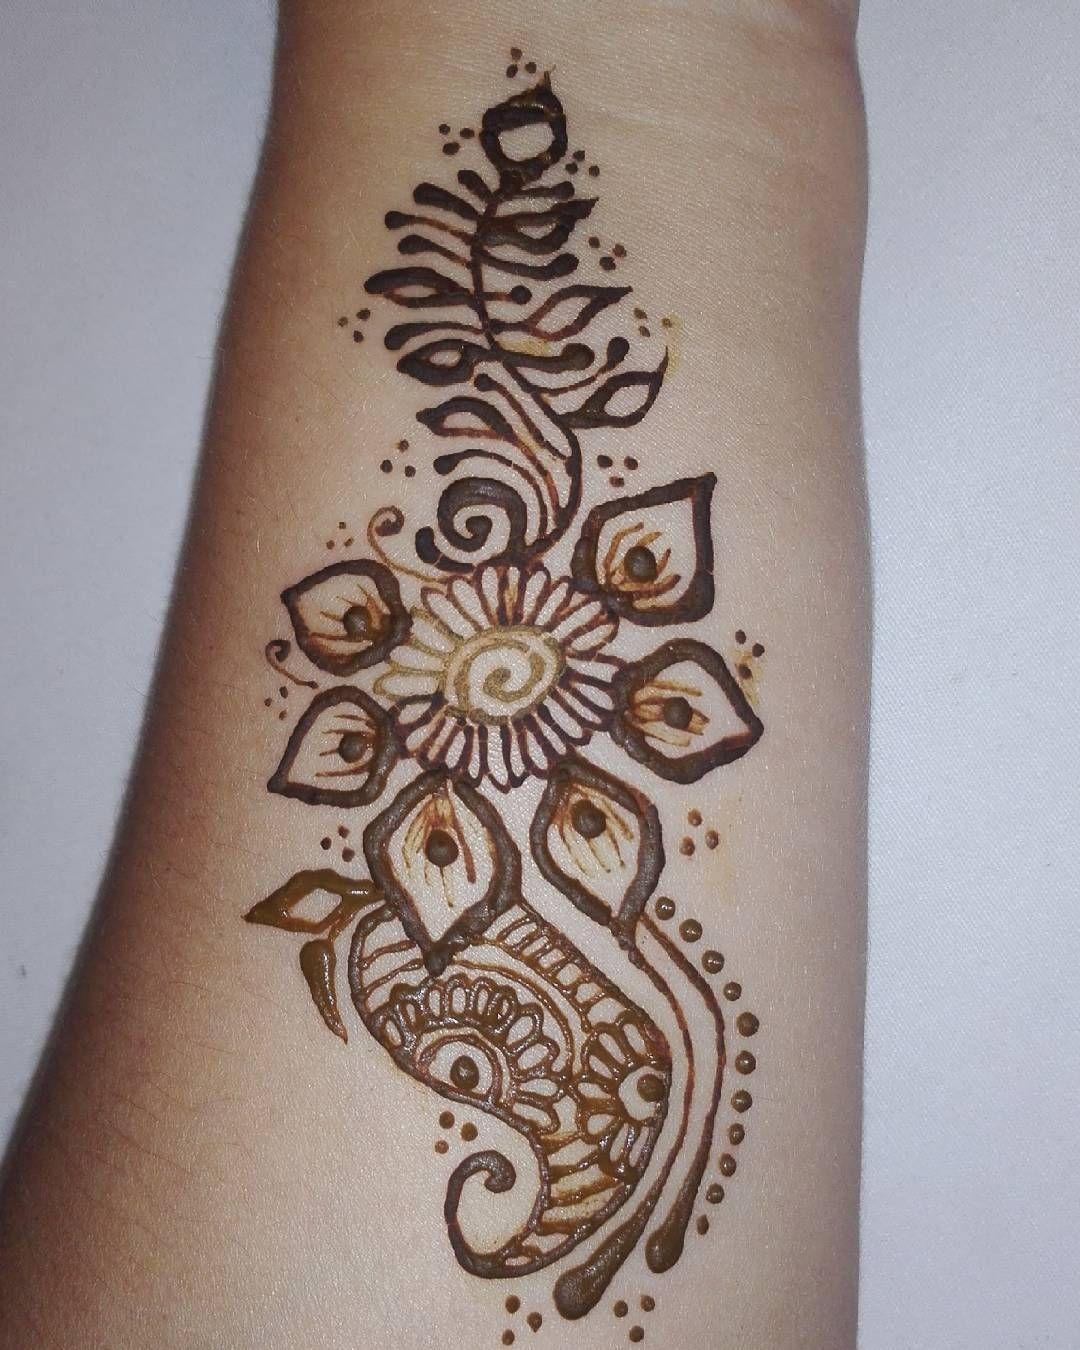 Atendiendo citas para Tatuajes temporal de Henna  Duracion de 7 a 12 días. Haz tu cita al 6983-0735 Tambien atendemos Fiestas de Cumple Quinceaños Despedida de Soltera Bodas Baby Shower Sesiones Fotográficas Lanzamientos Eventos Corporativos Ferias  #henna #hennatatoo #hennatattoos #hennalove #ilovehenna #hennalovers #tatuajesdehenna #tatuajes #tatuajetemporal #handdrawn #hand #arm #cool #chic #trendy #hechoamano #dibujadoamano #panama #hennartist #flower